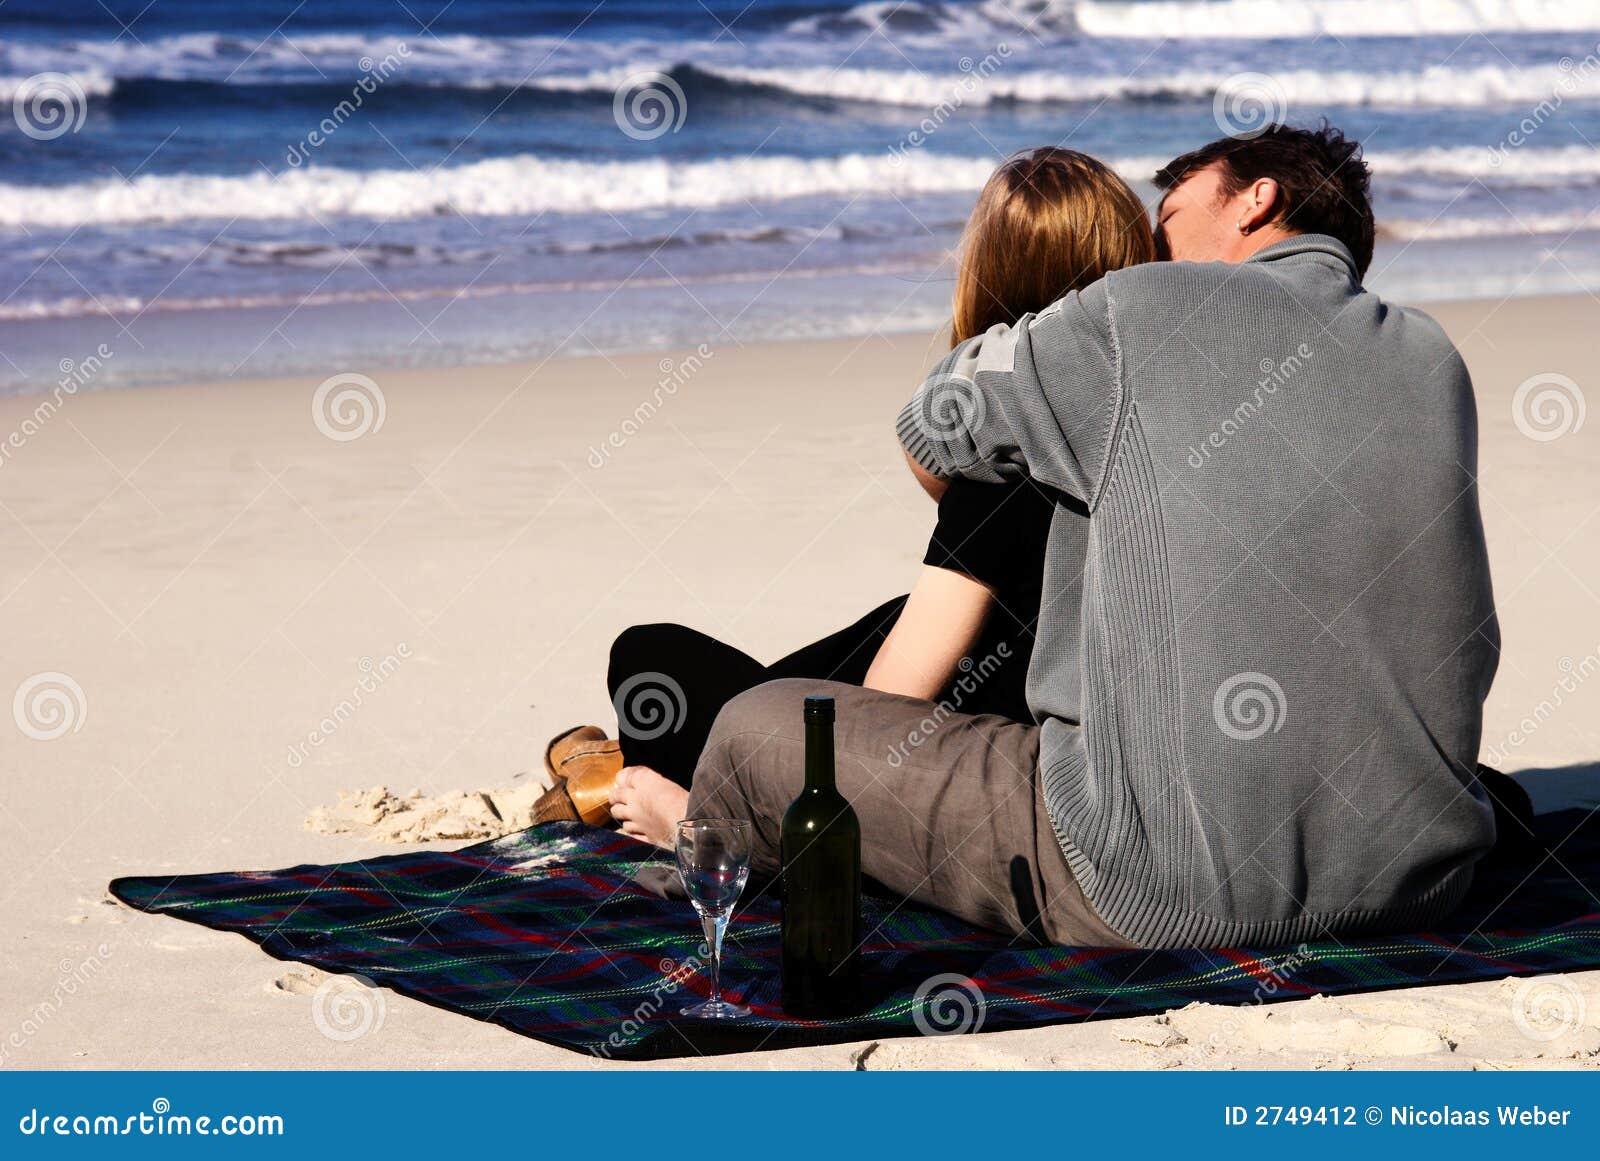 image amour a la plage